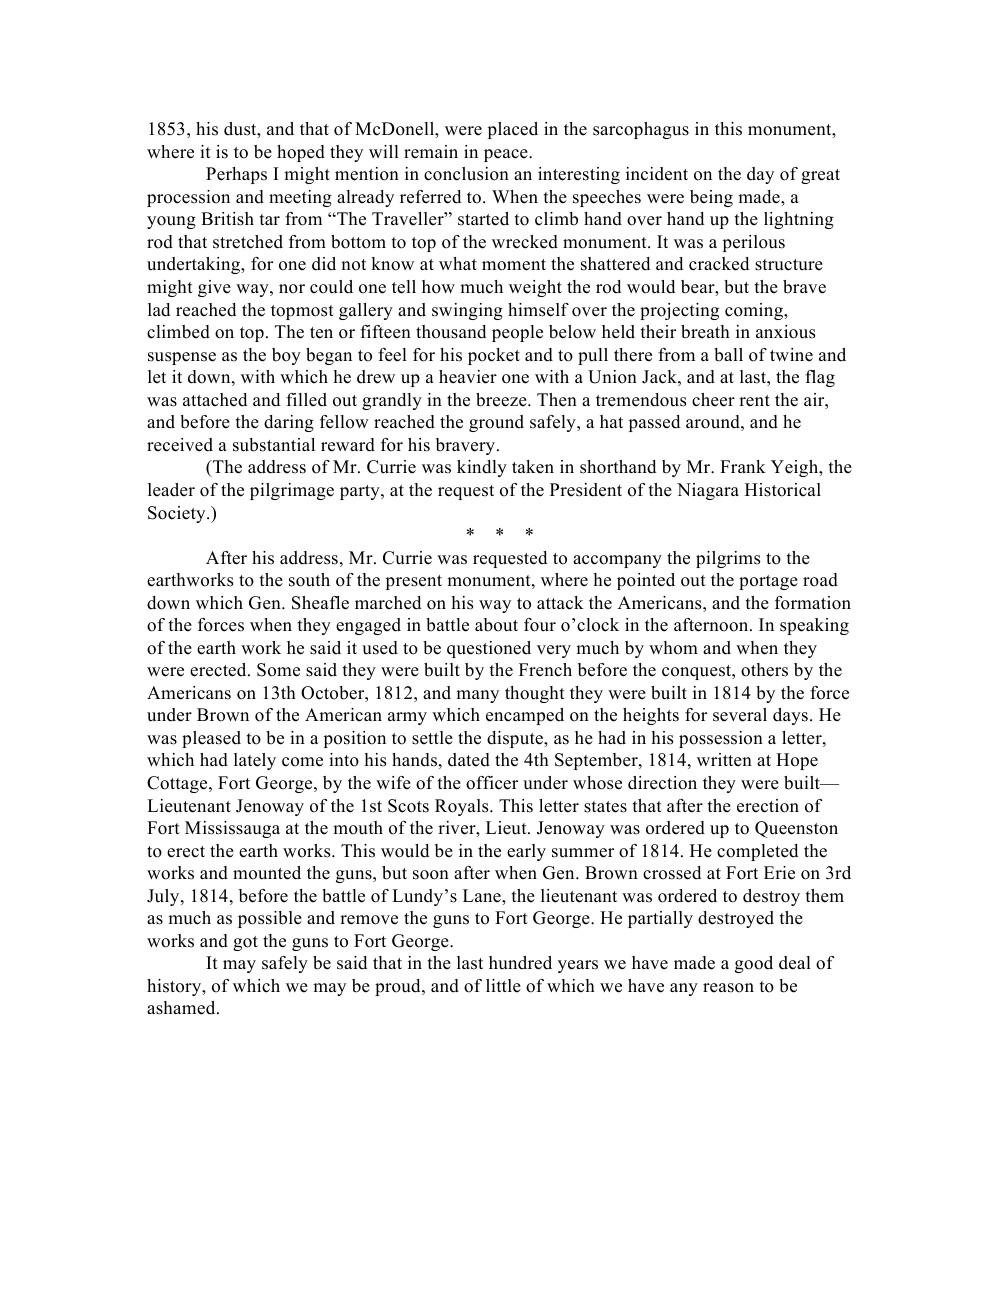 Niagara Historical Society Pamphlet -No. 4 -Memorials to United Empire Loyalists